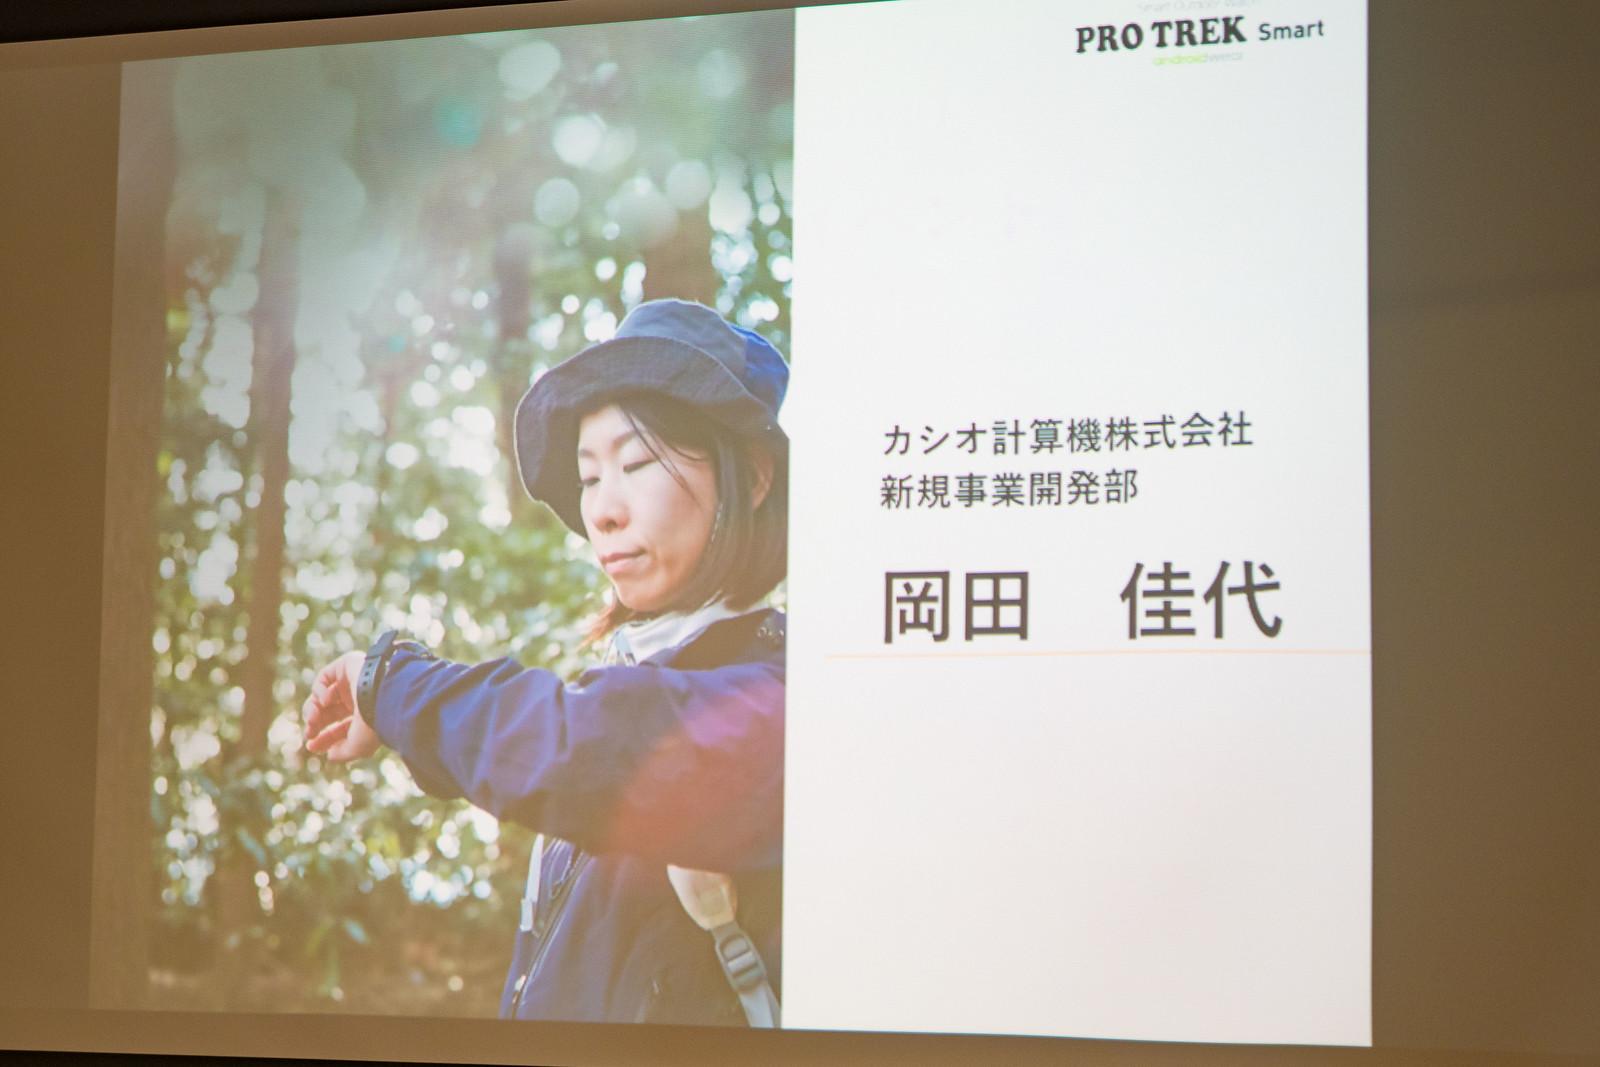 PRO_TREK_Smart-11